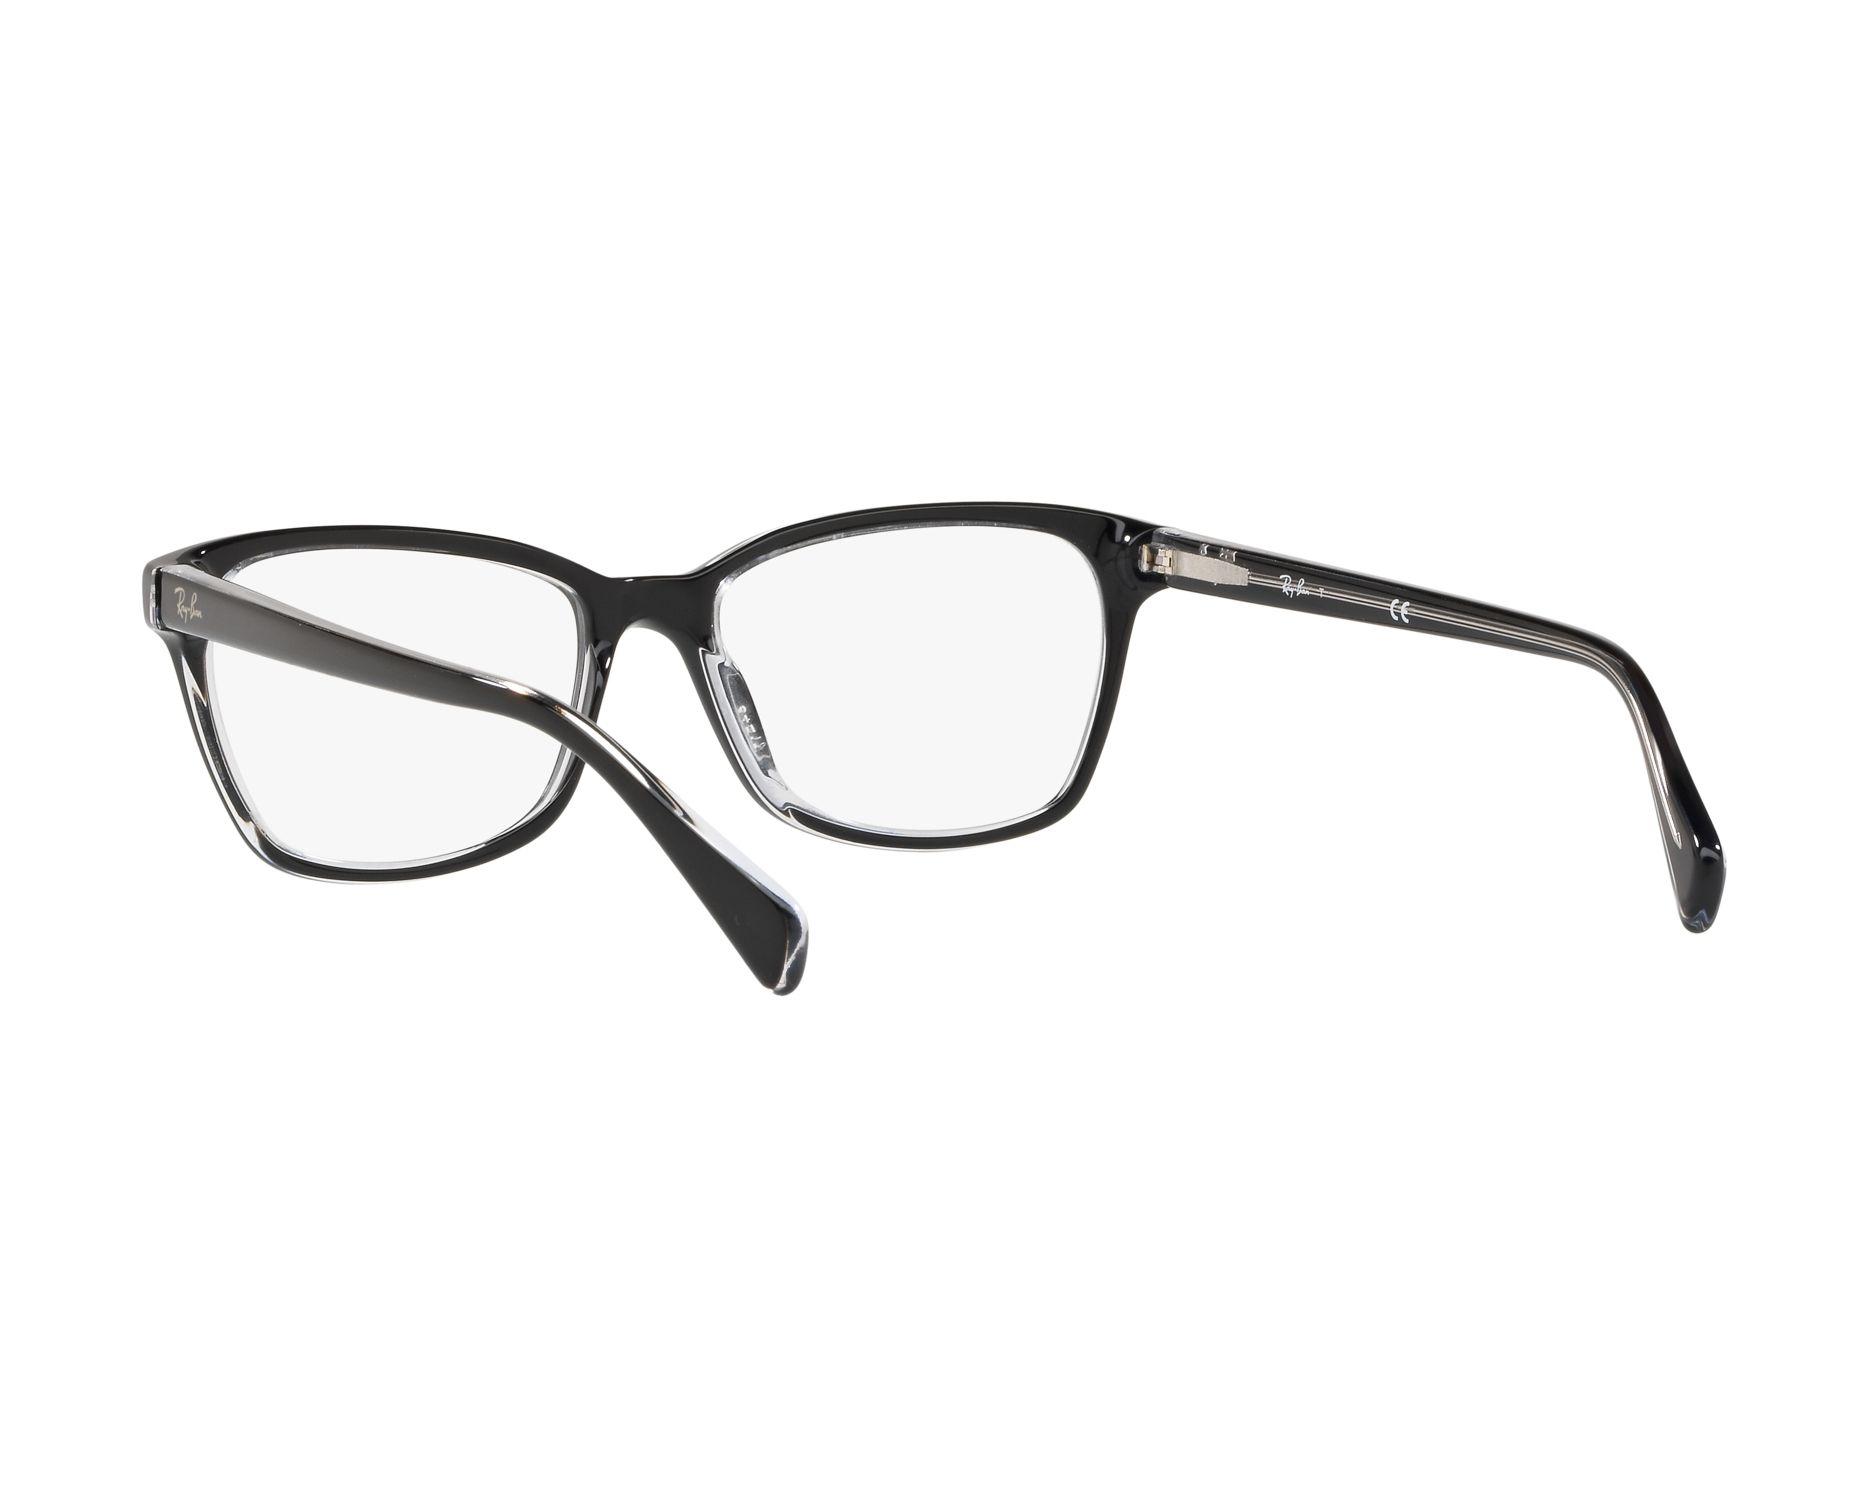 cc8a2c0f589 eyeglasses Ray-Ban RX-5362 2034 52-17 Black Crystal 360 degree view